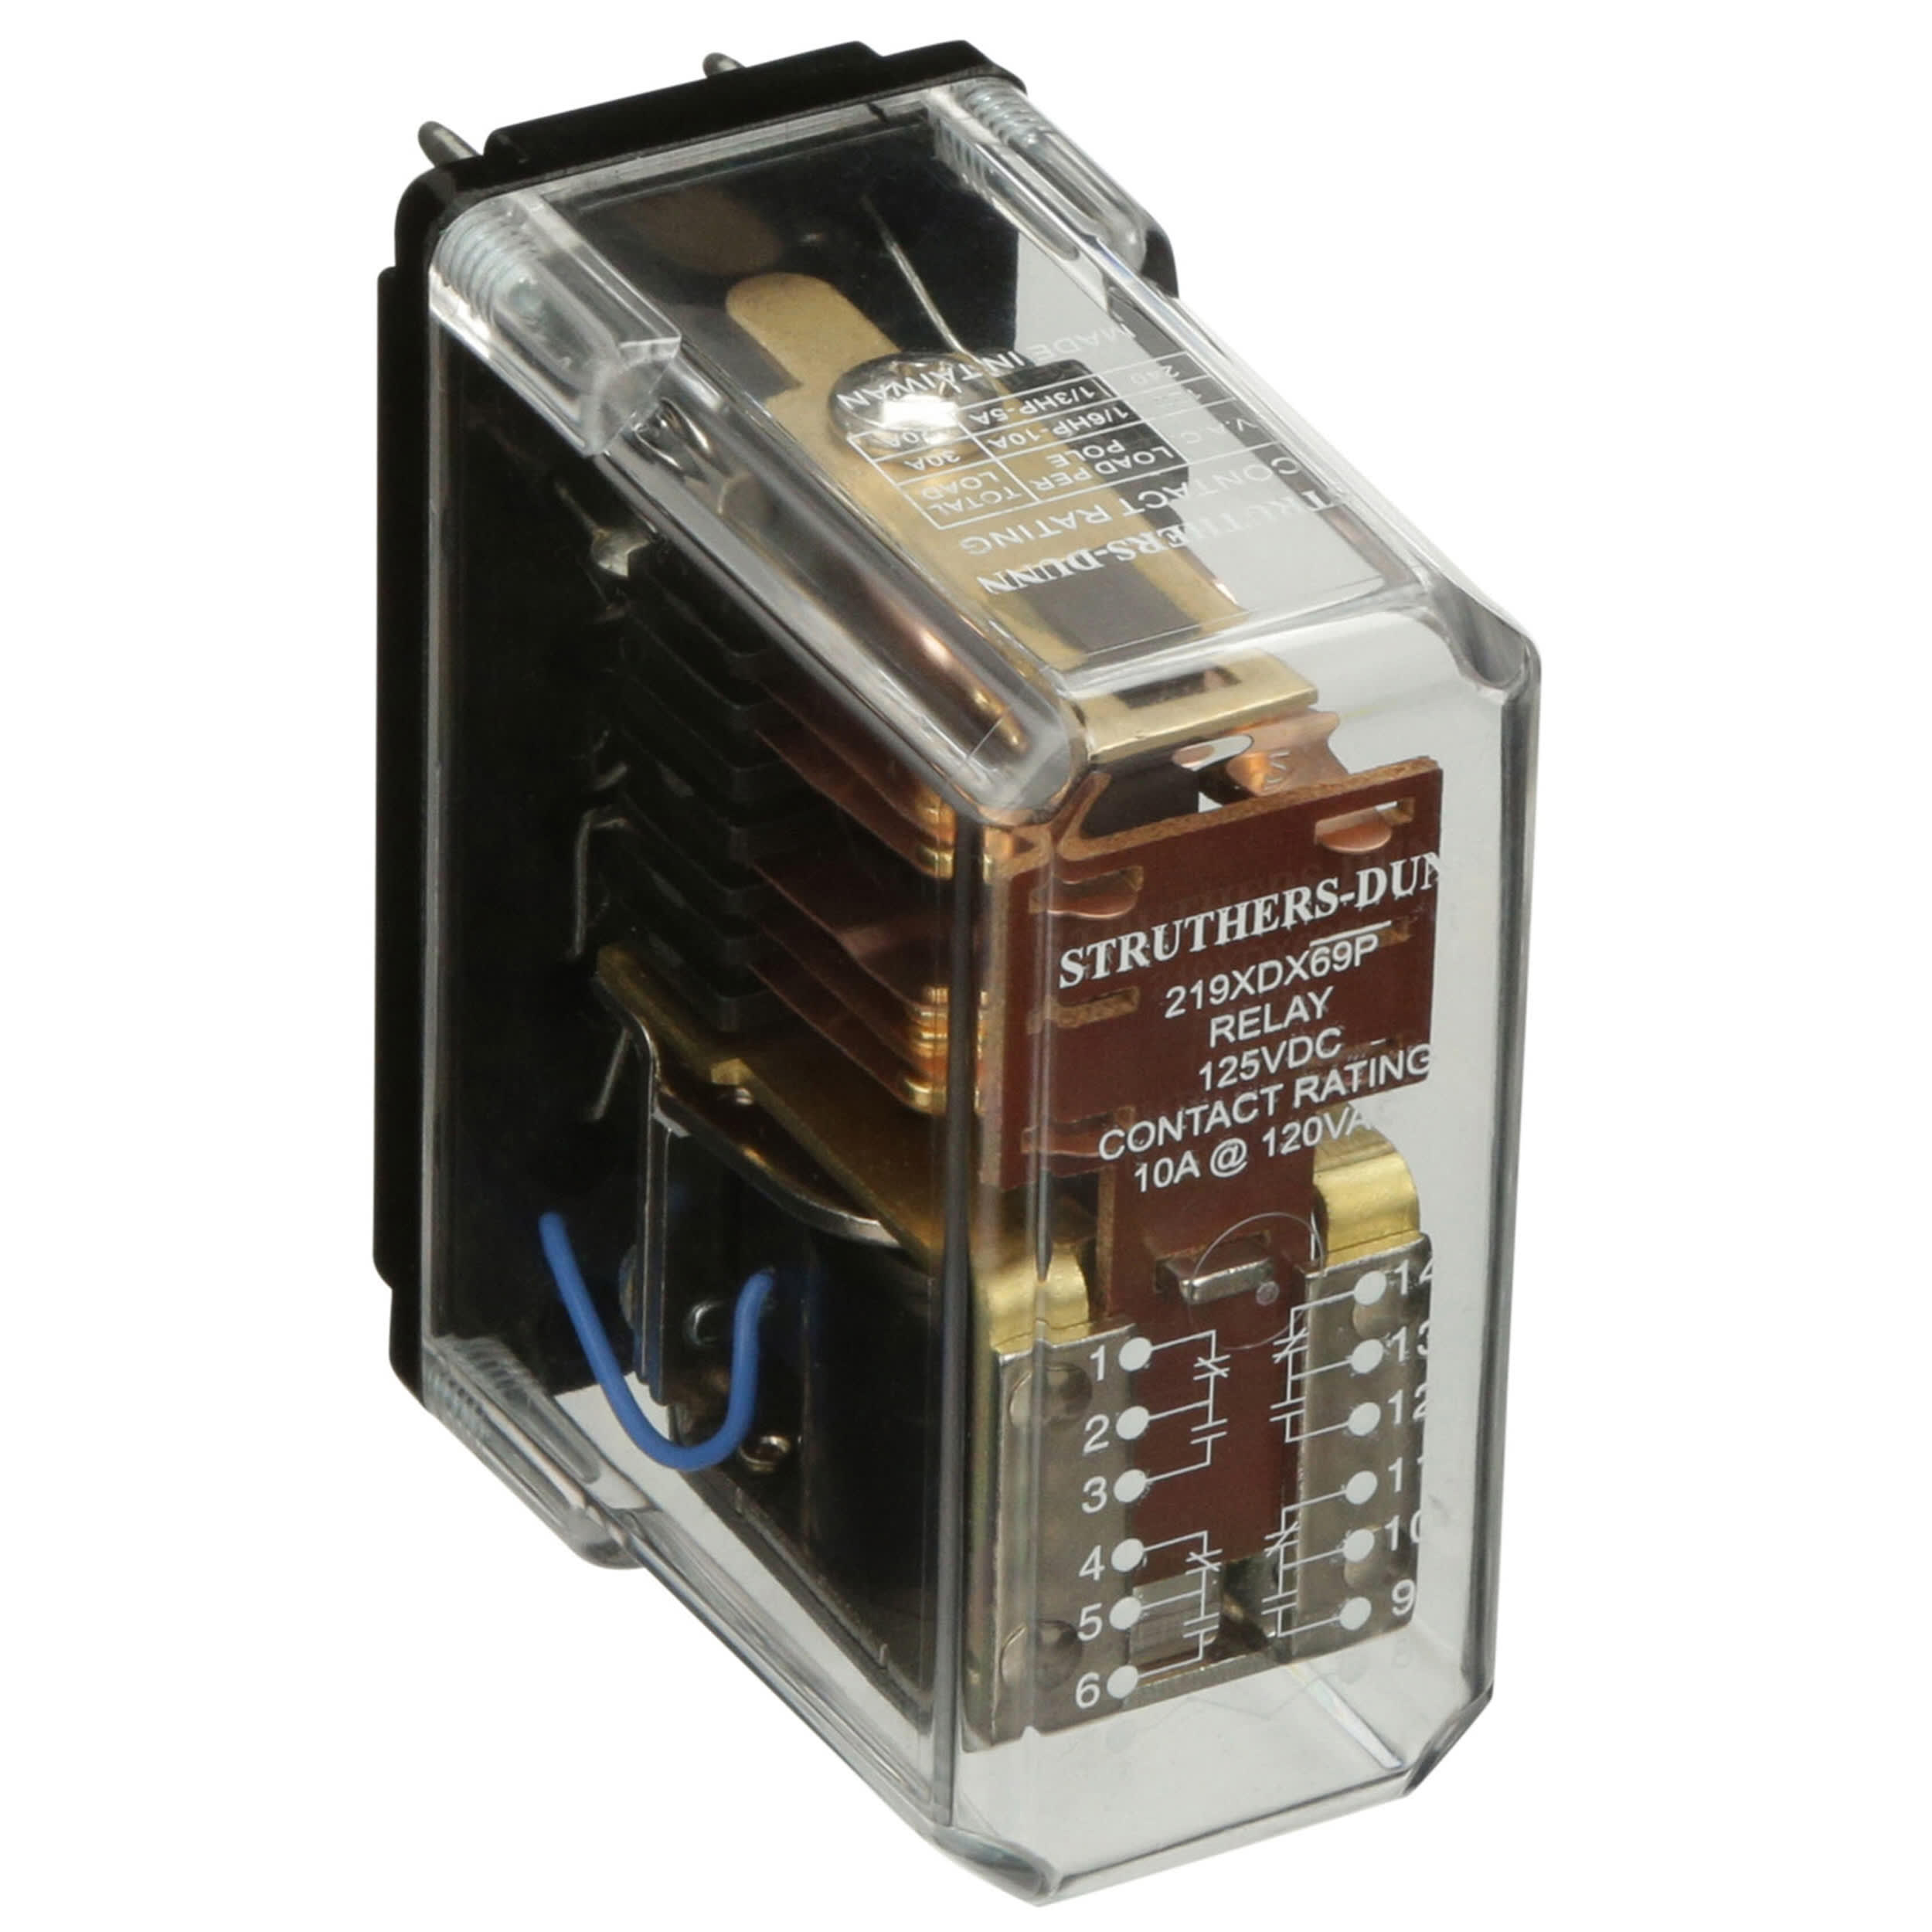 STRUTHERS-DUNN 219BBX69PL-125VDC